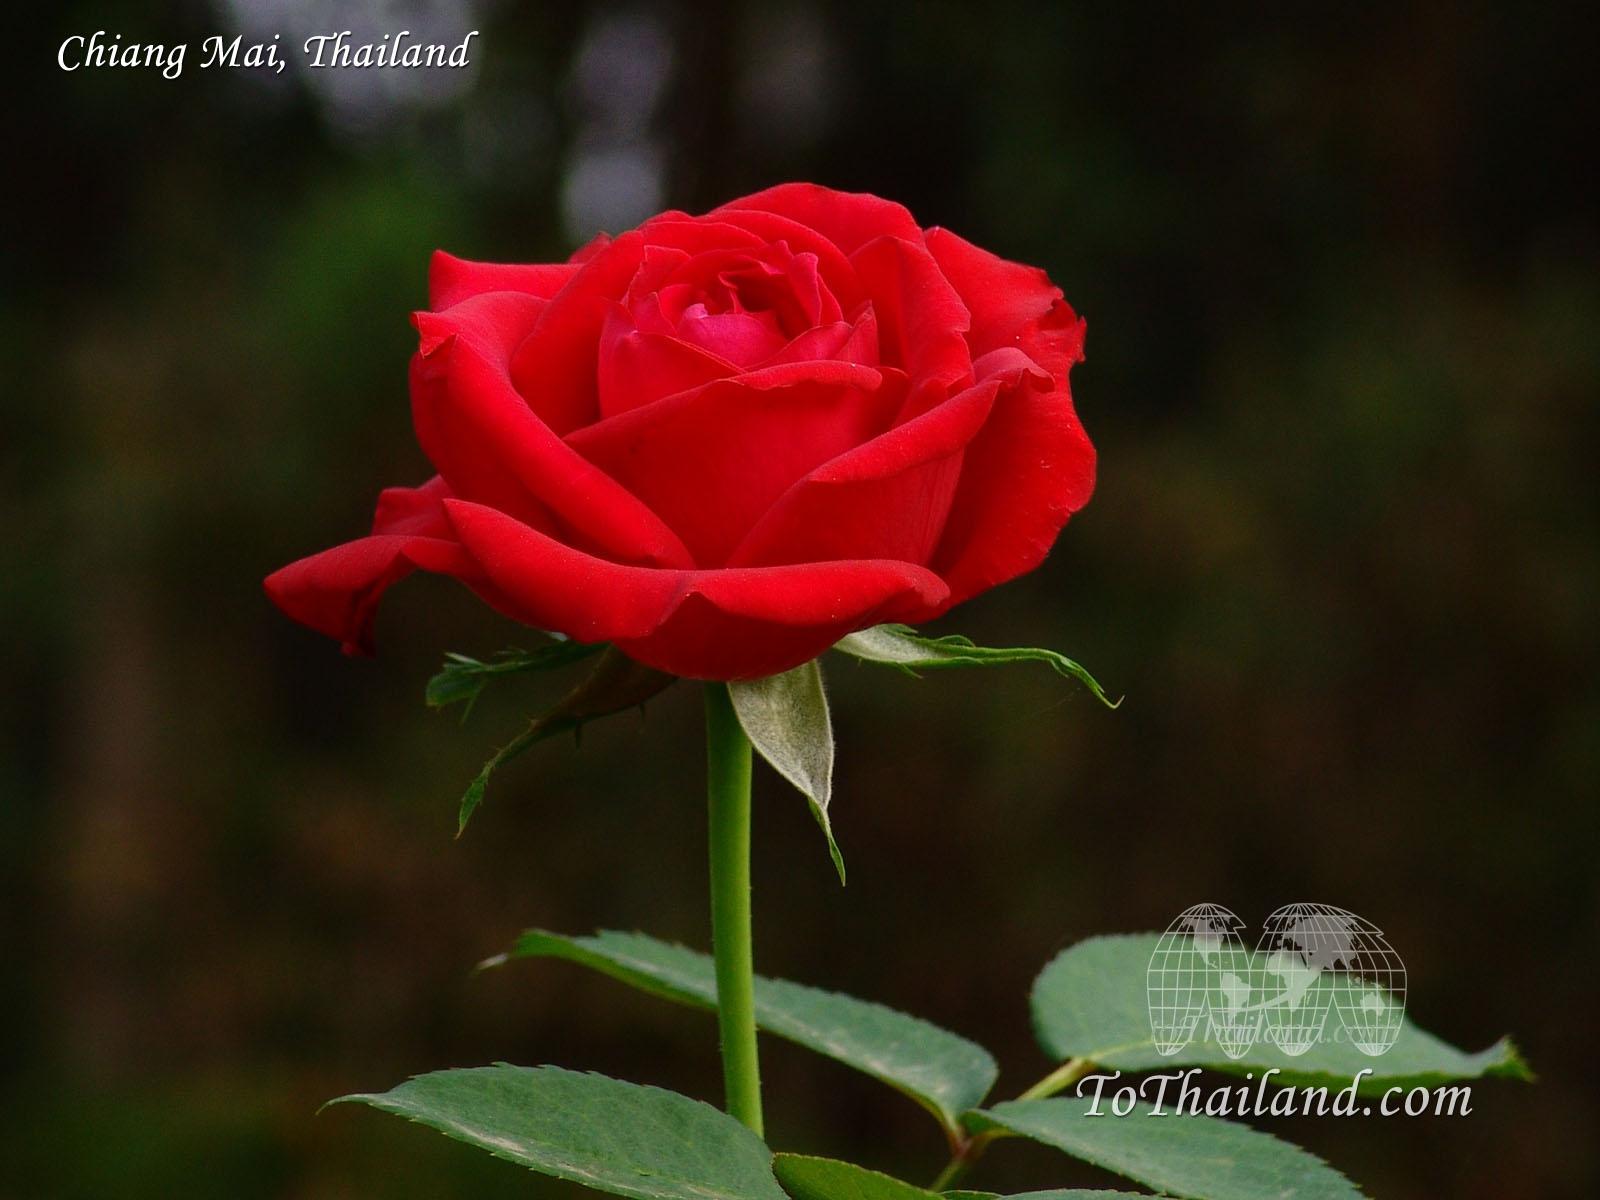 http://1.bp.blogspot.com/-x7vp7ZPx_MY/T9V1gYFw8-I/AAAAAAAAFeo/twH1B9GC8kU/s1600/Rose-Wallpaper-59.jpg